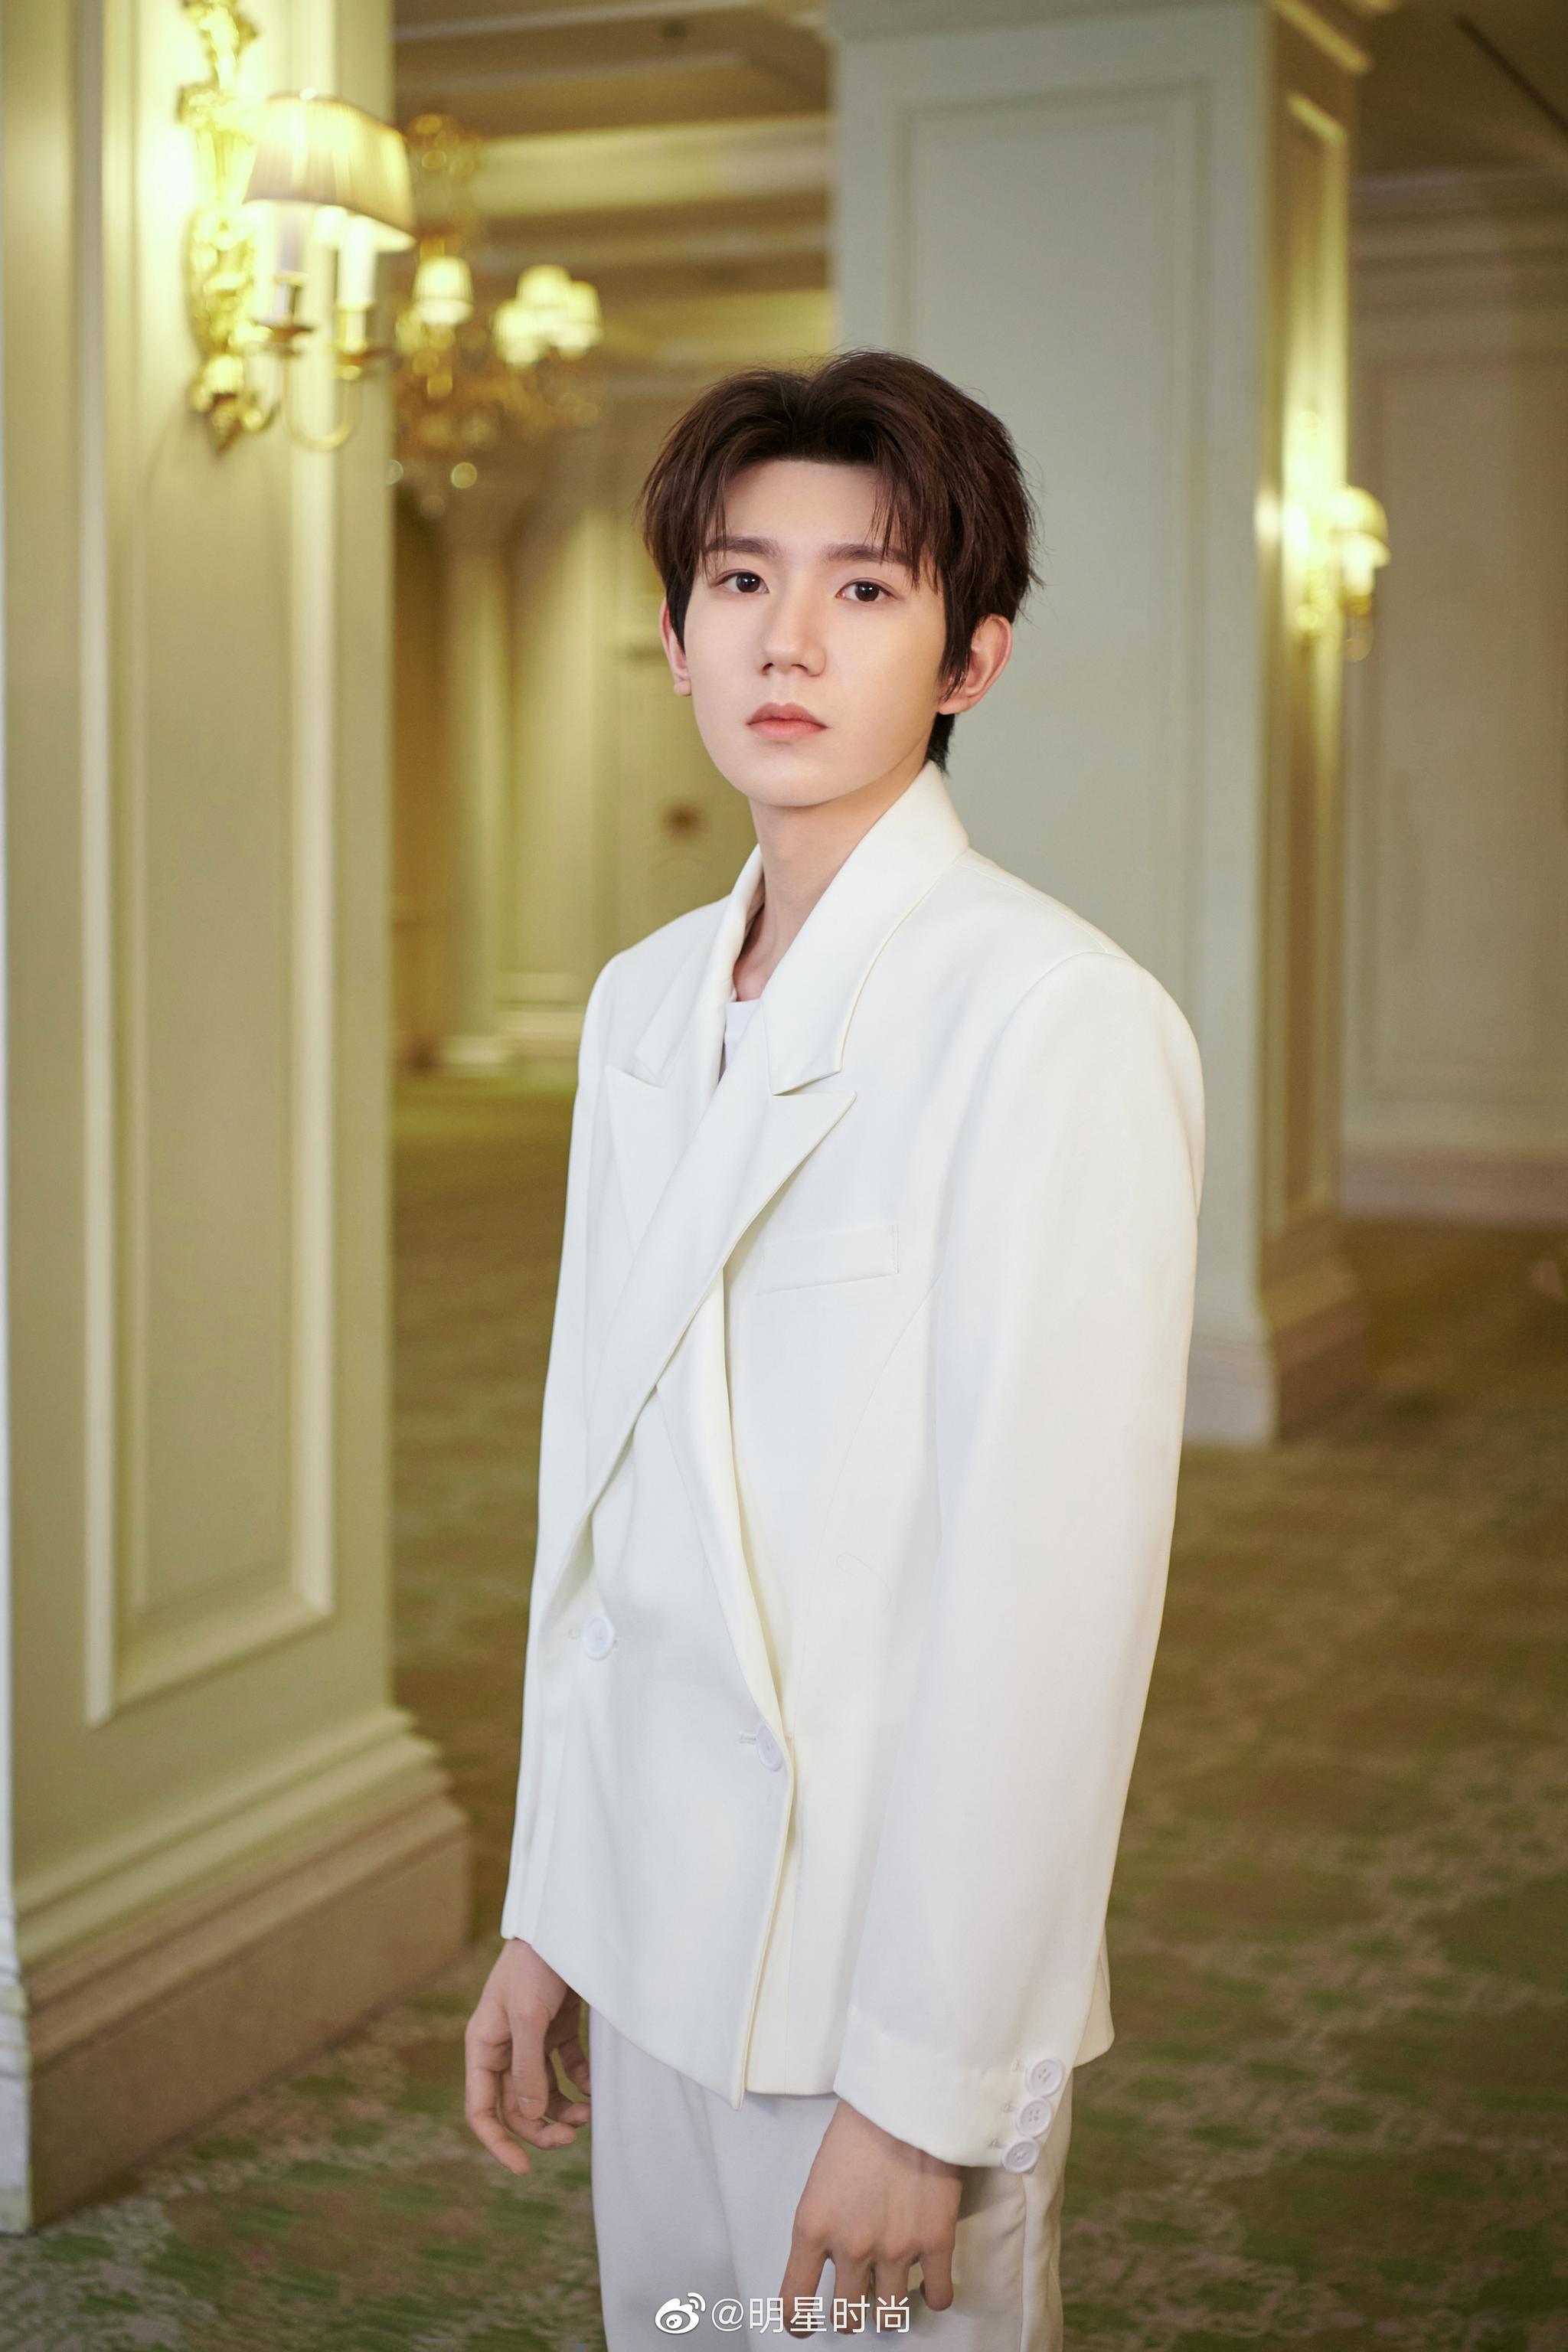 王源今日份的造型,他身着白色解构西装,清朗隽永,温润尔雅……